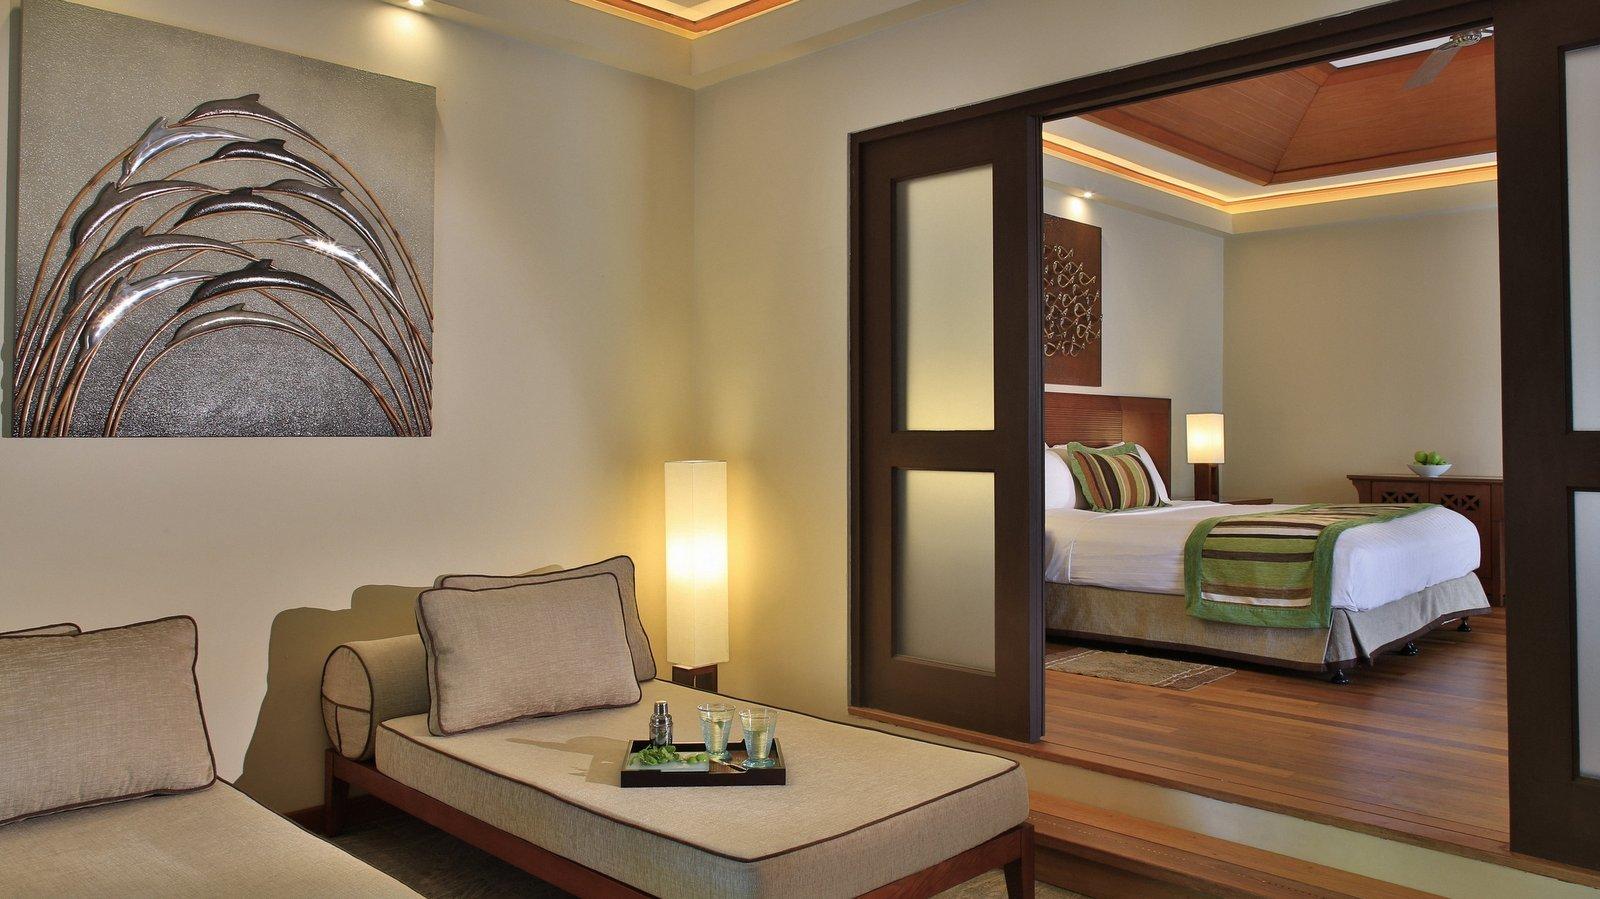 Мальдивы, отель Kurumba Maldives, номер Garden Pool Villa